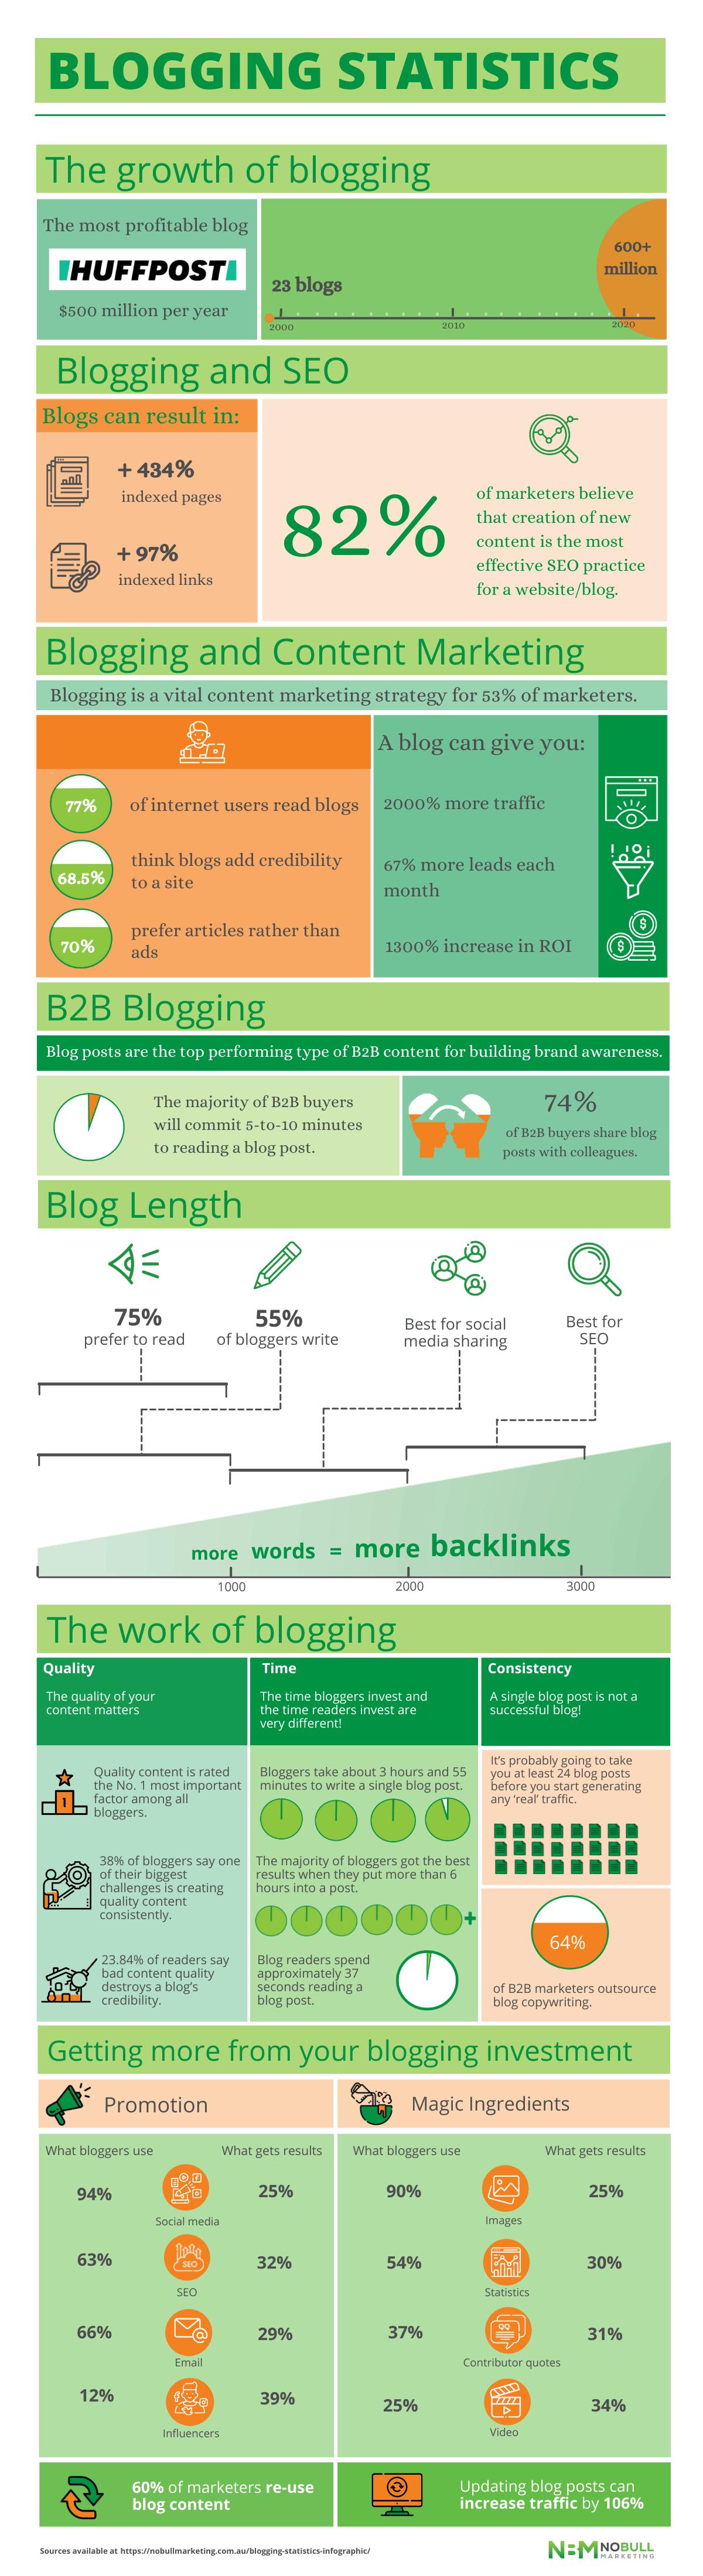 blogging-statistics-infographic